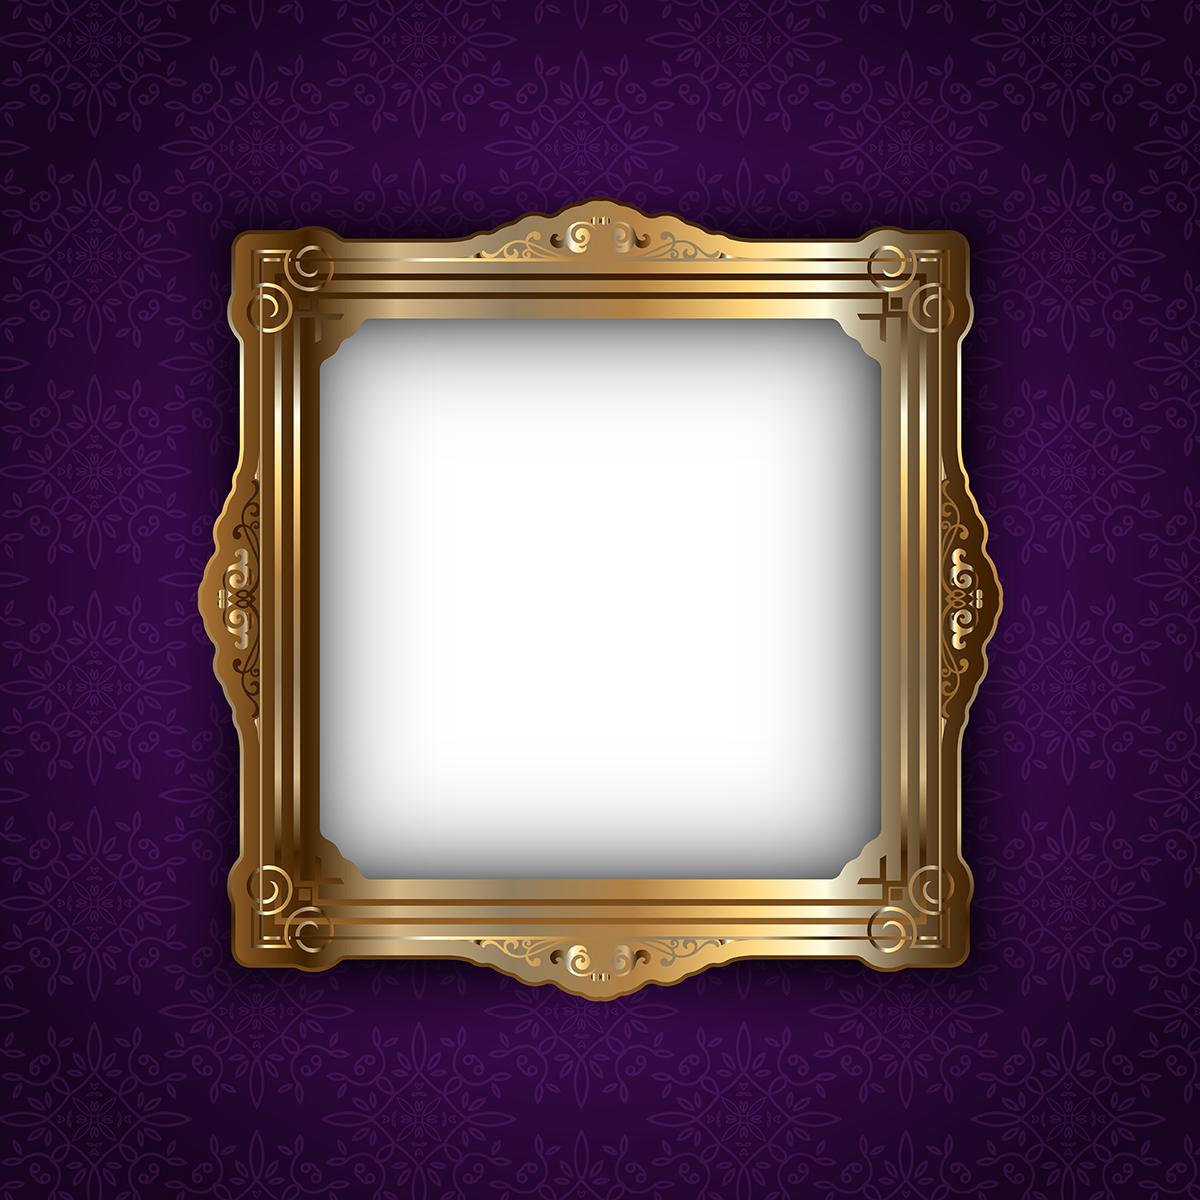 Elegant Frames Free Vector Art